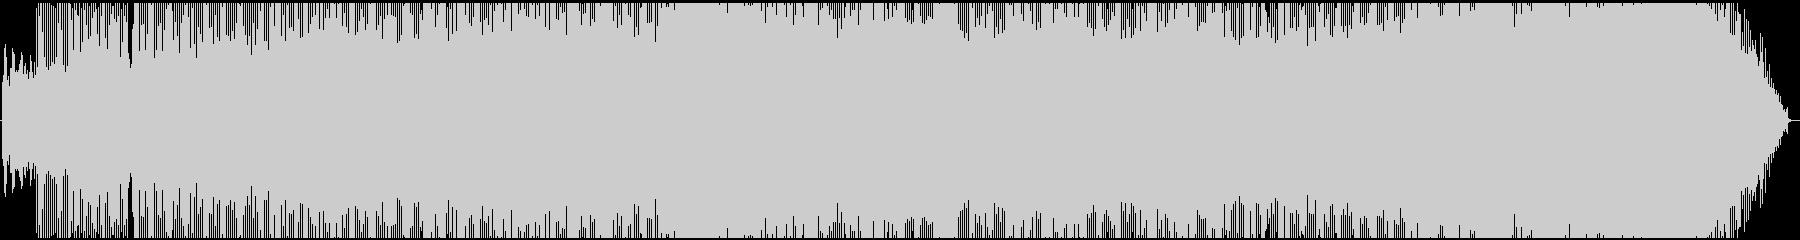 EDM:キラキラサウンドが気持ちいいの未再生の波形